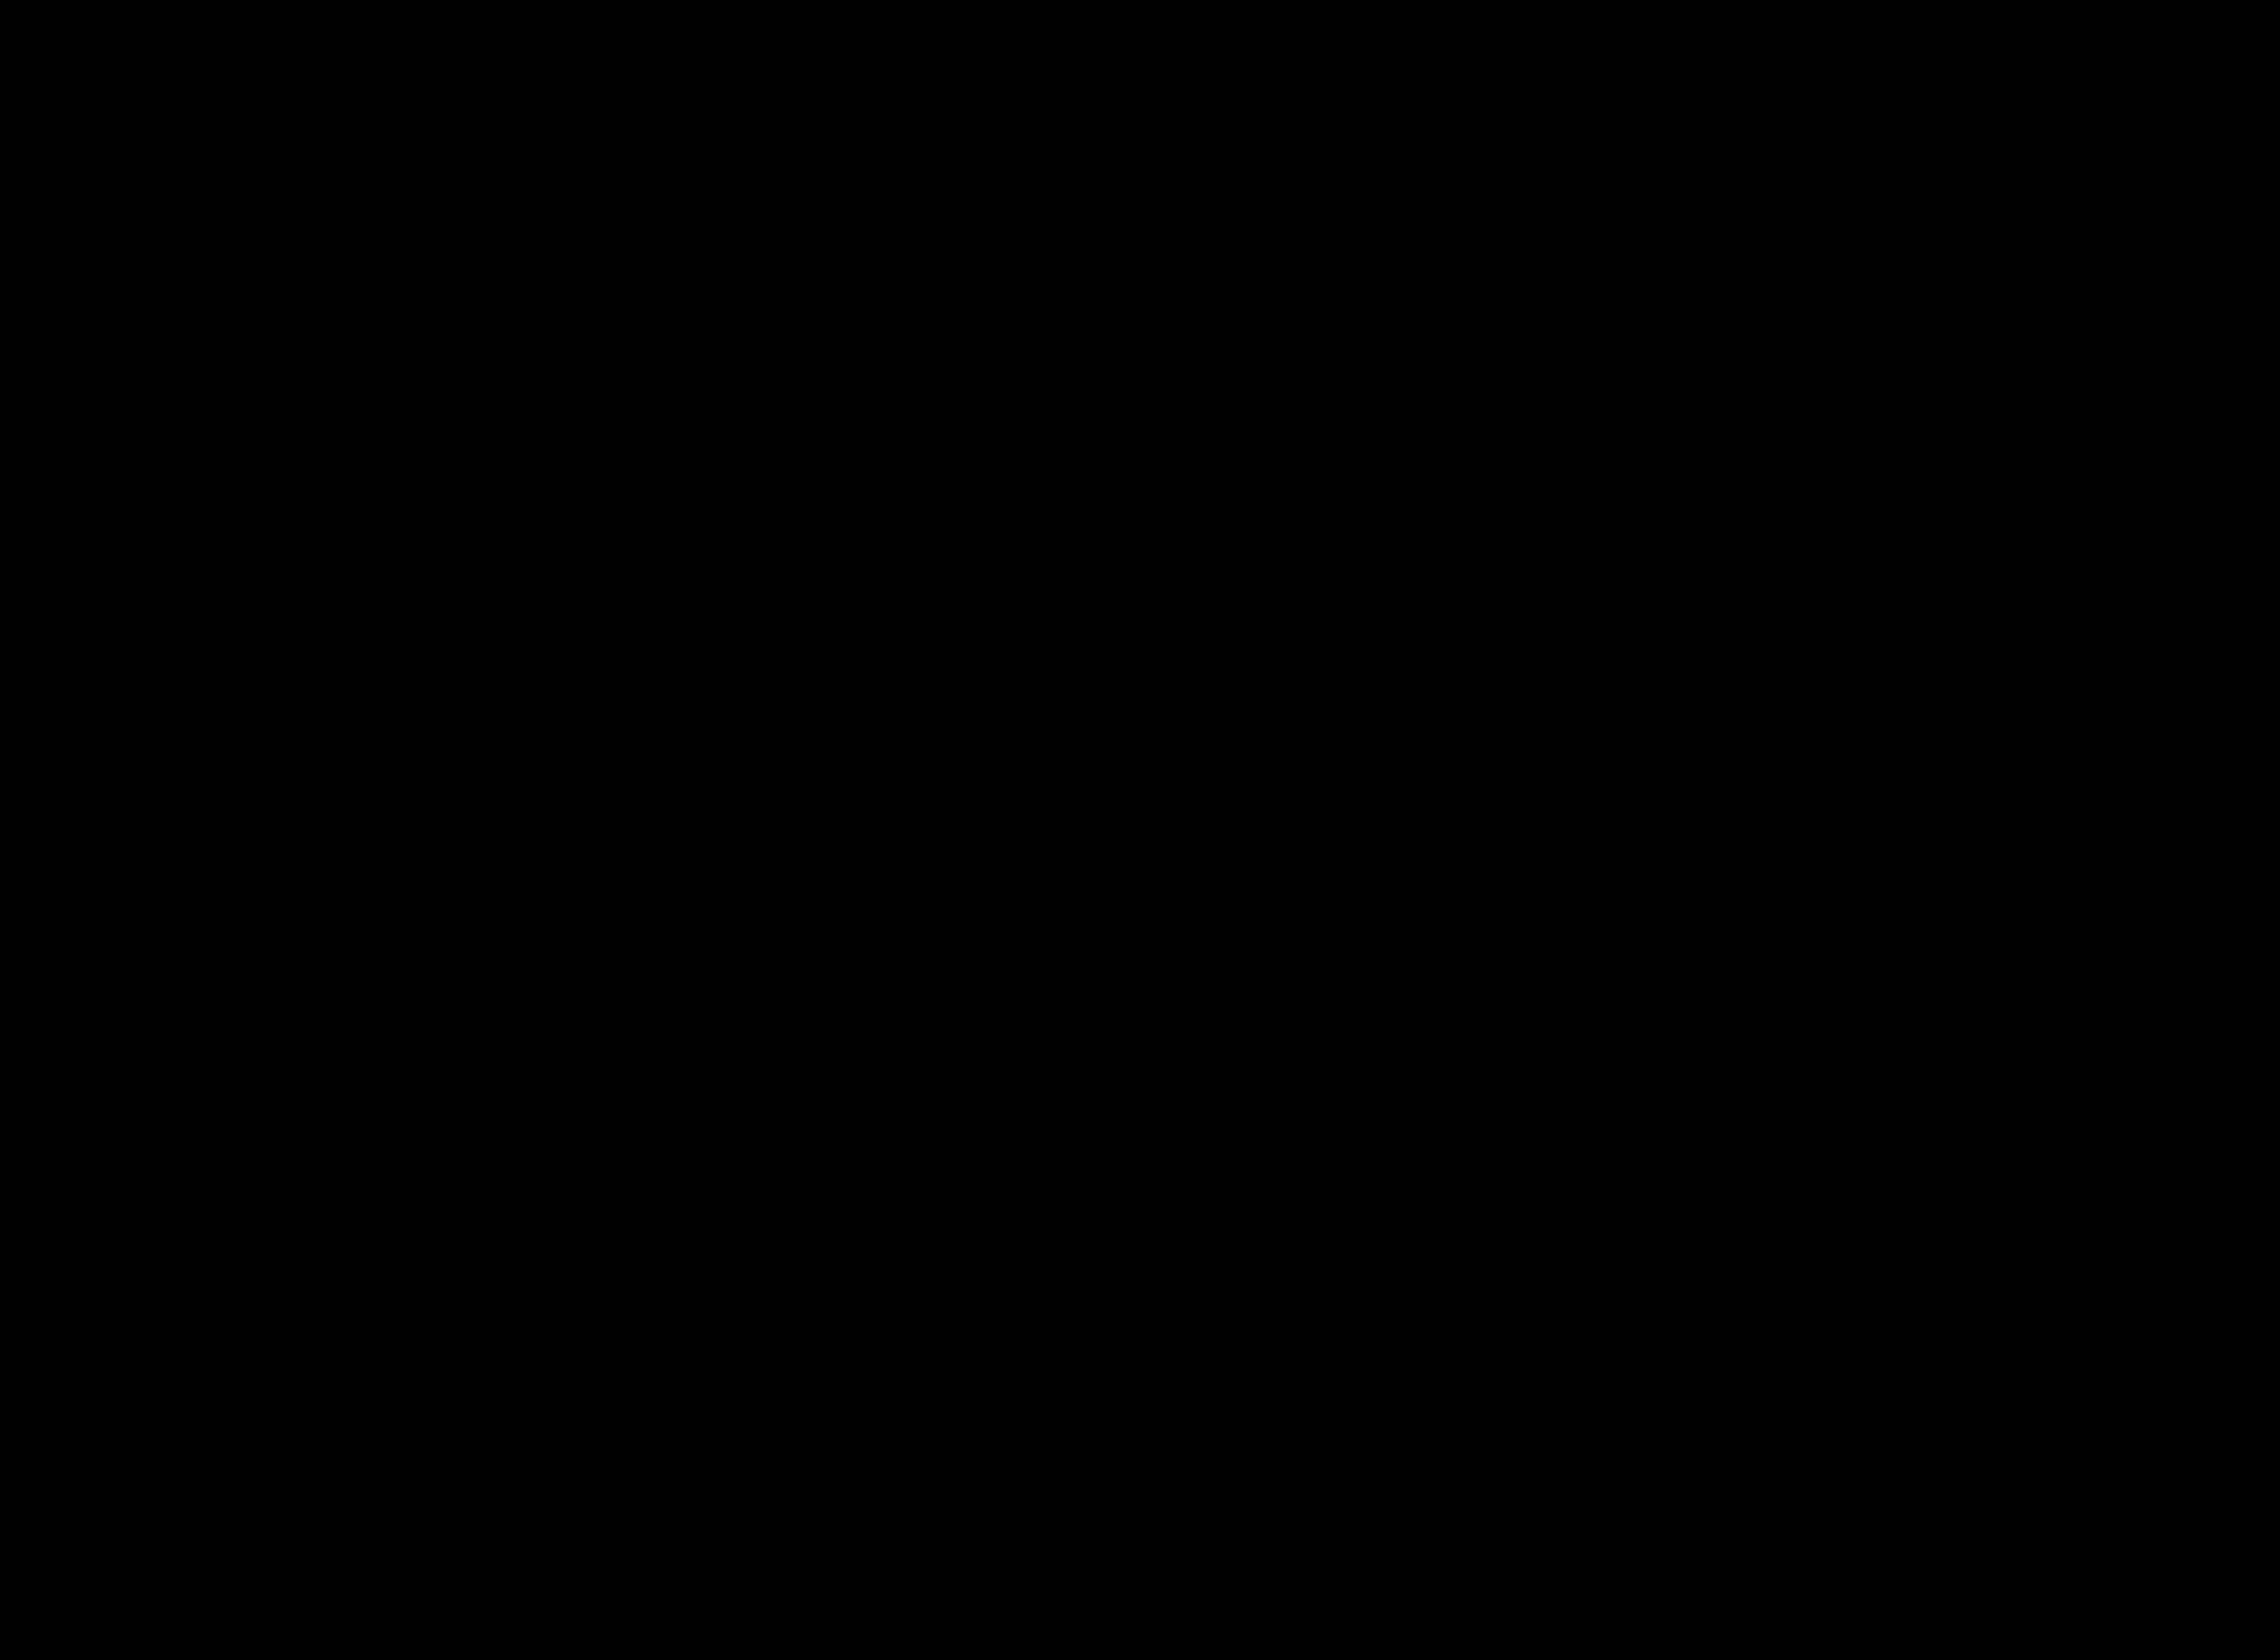 Saúde Pública - Tendências das internações por condições